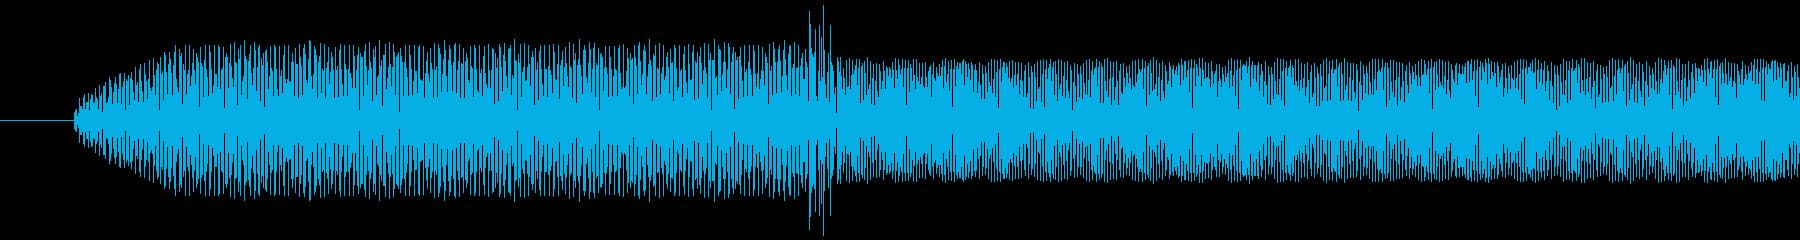 電子音 ピリッ! とても高い音の再生済みの波形